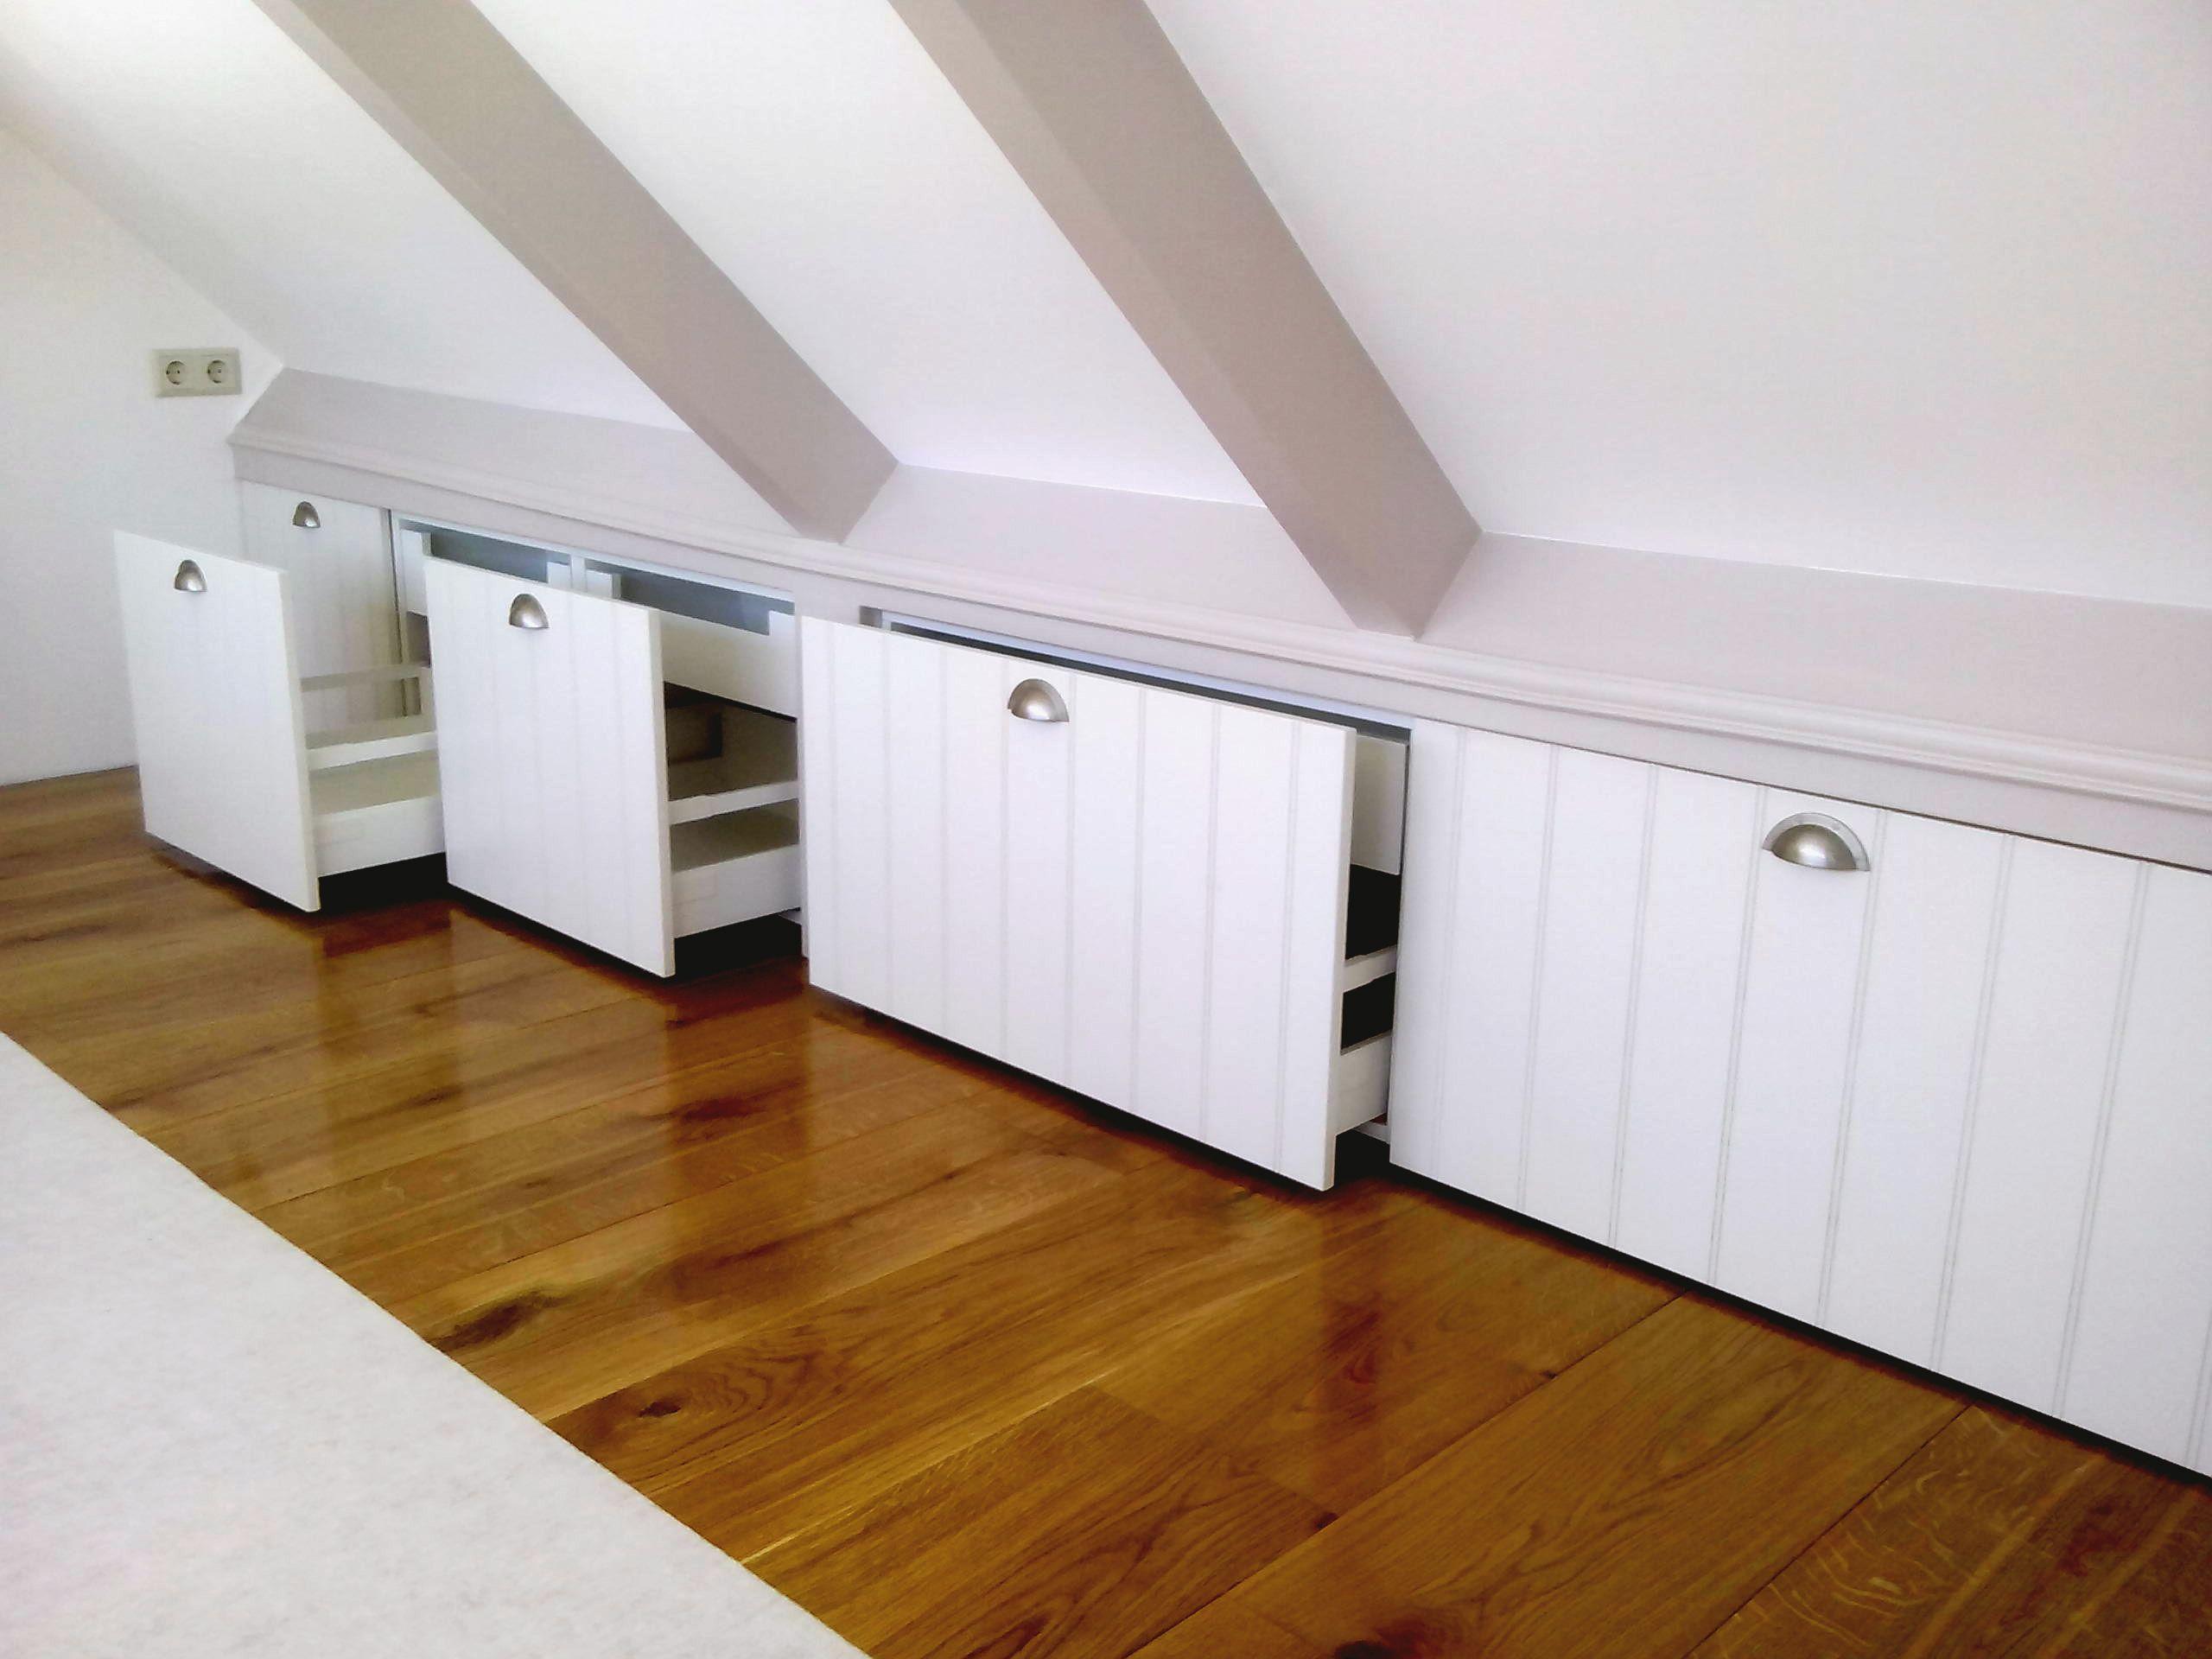 Badkamer knieschot lade slaapkamer inbouwkasten zolder idee voor